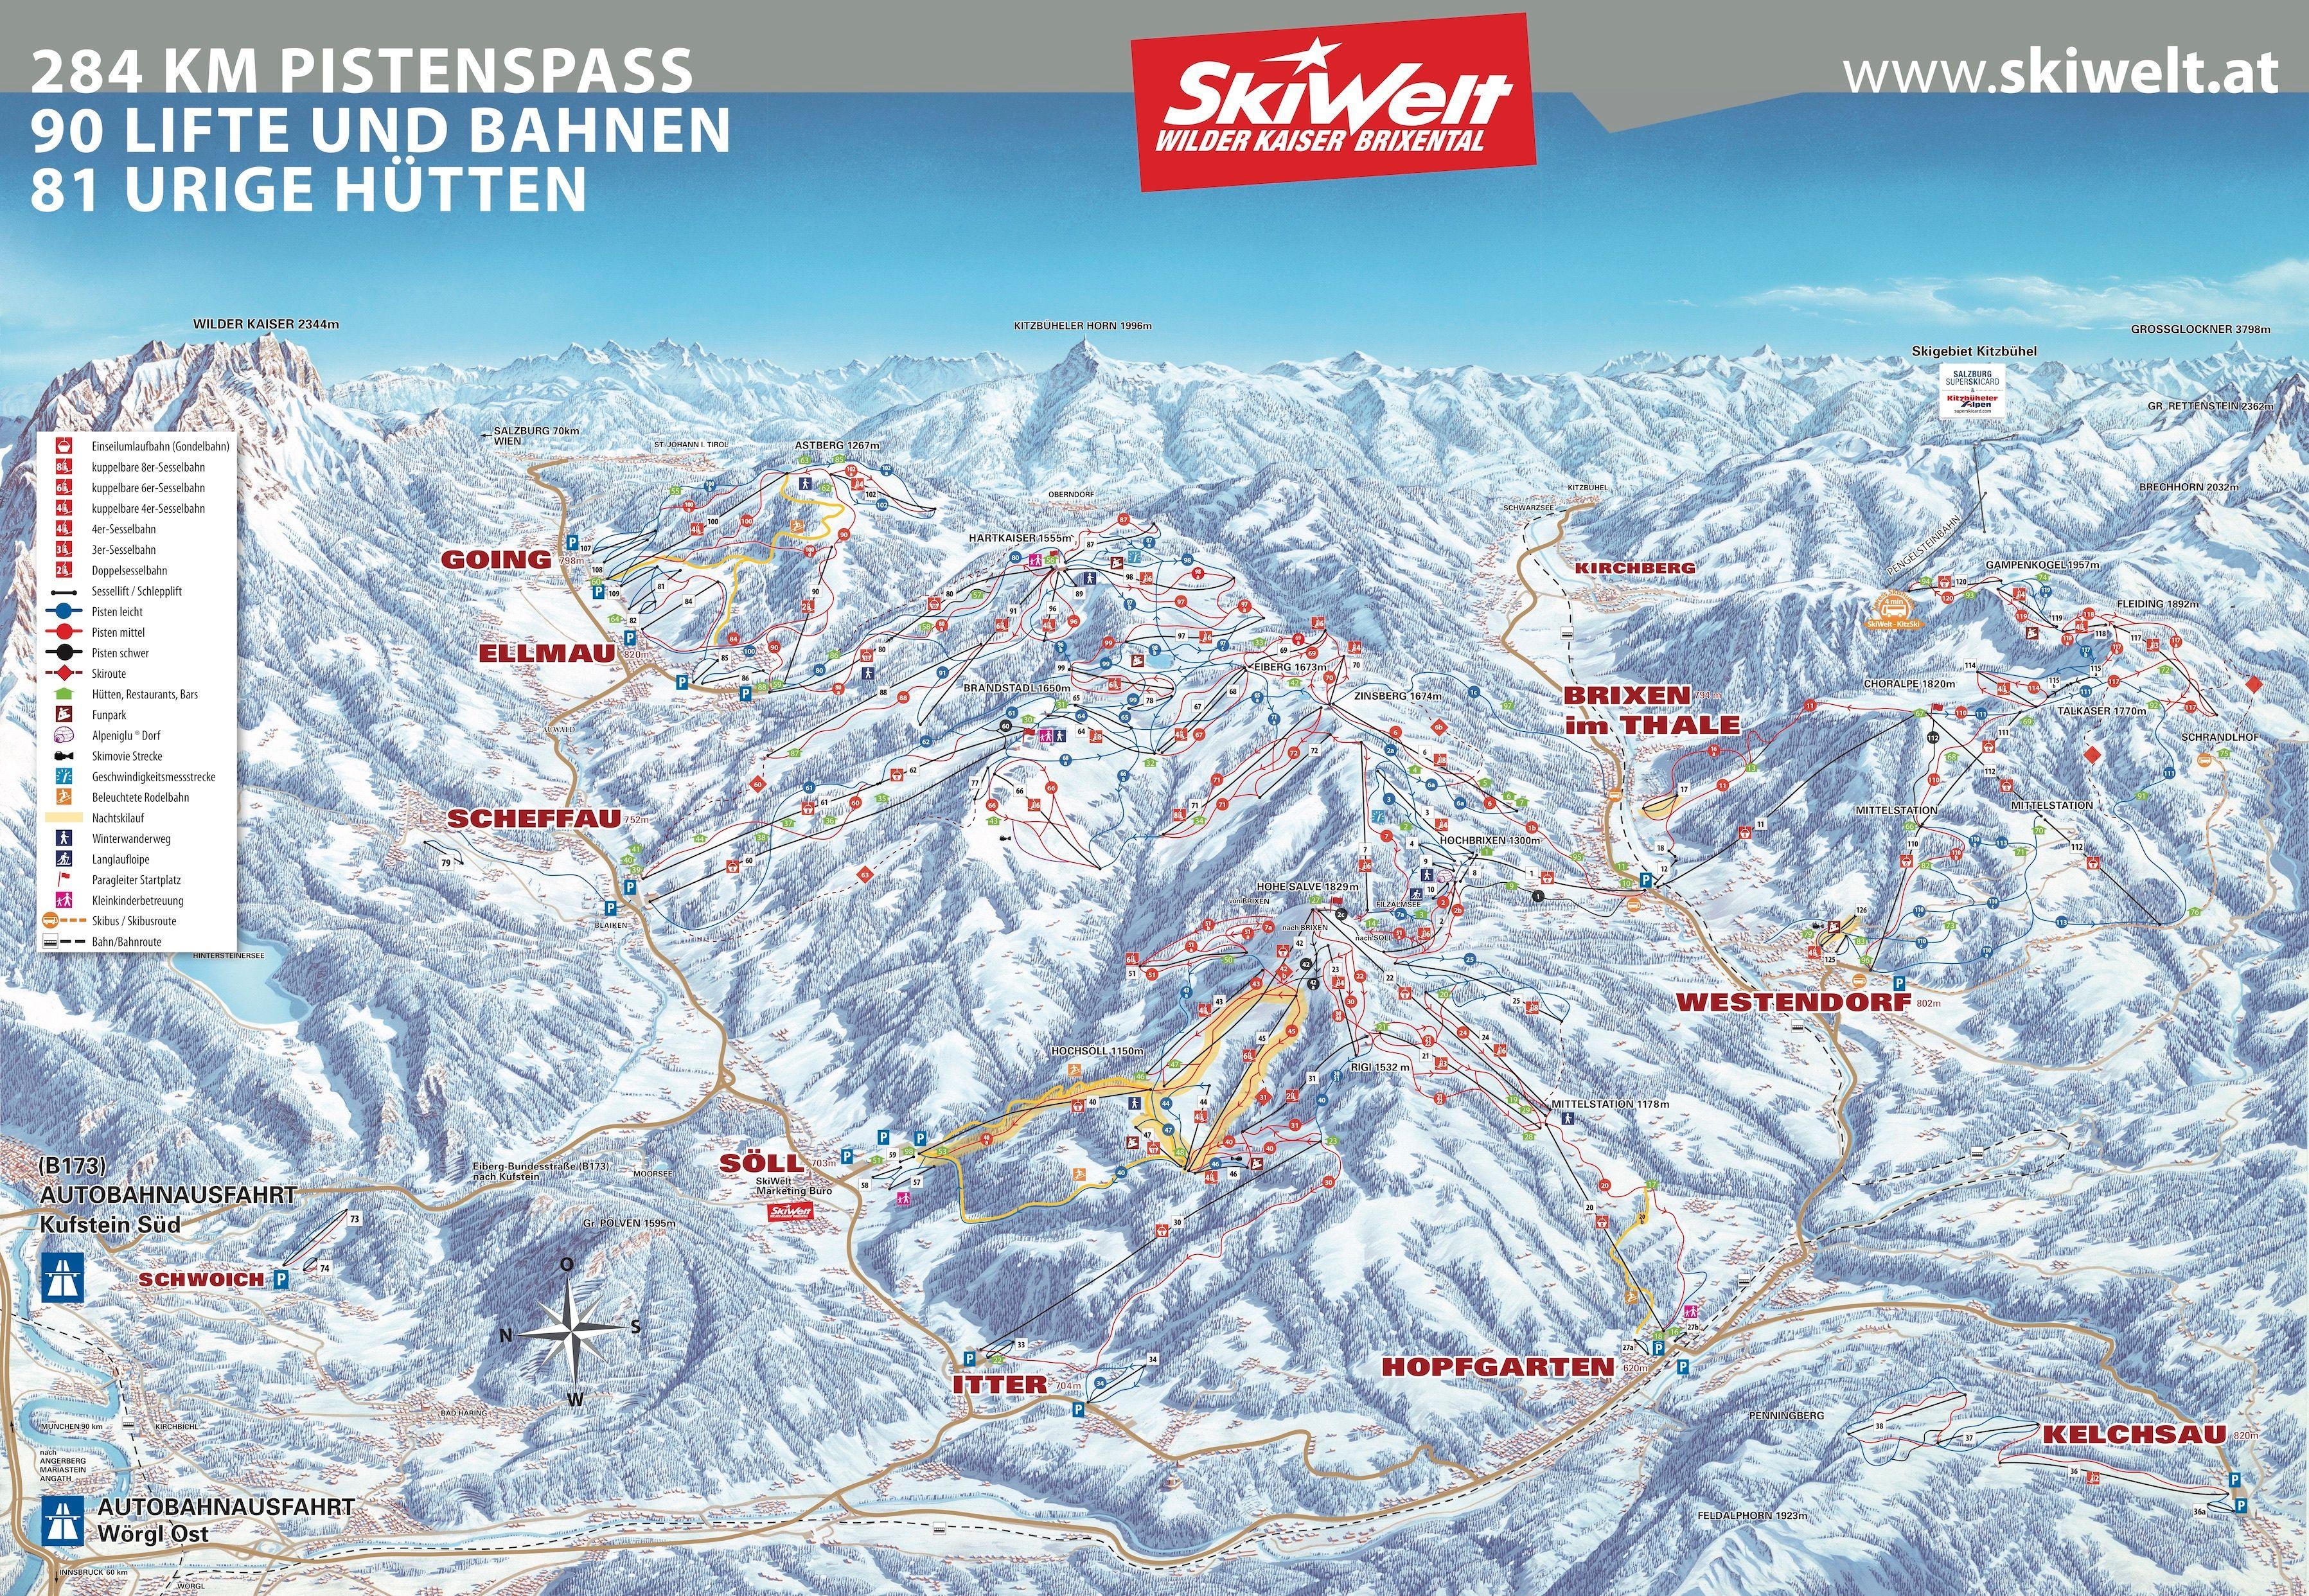 Skiwelt (2018-2019)